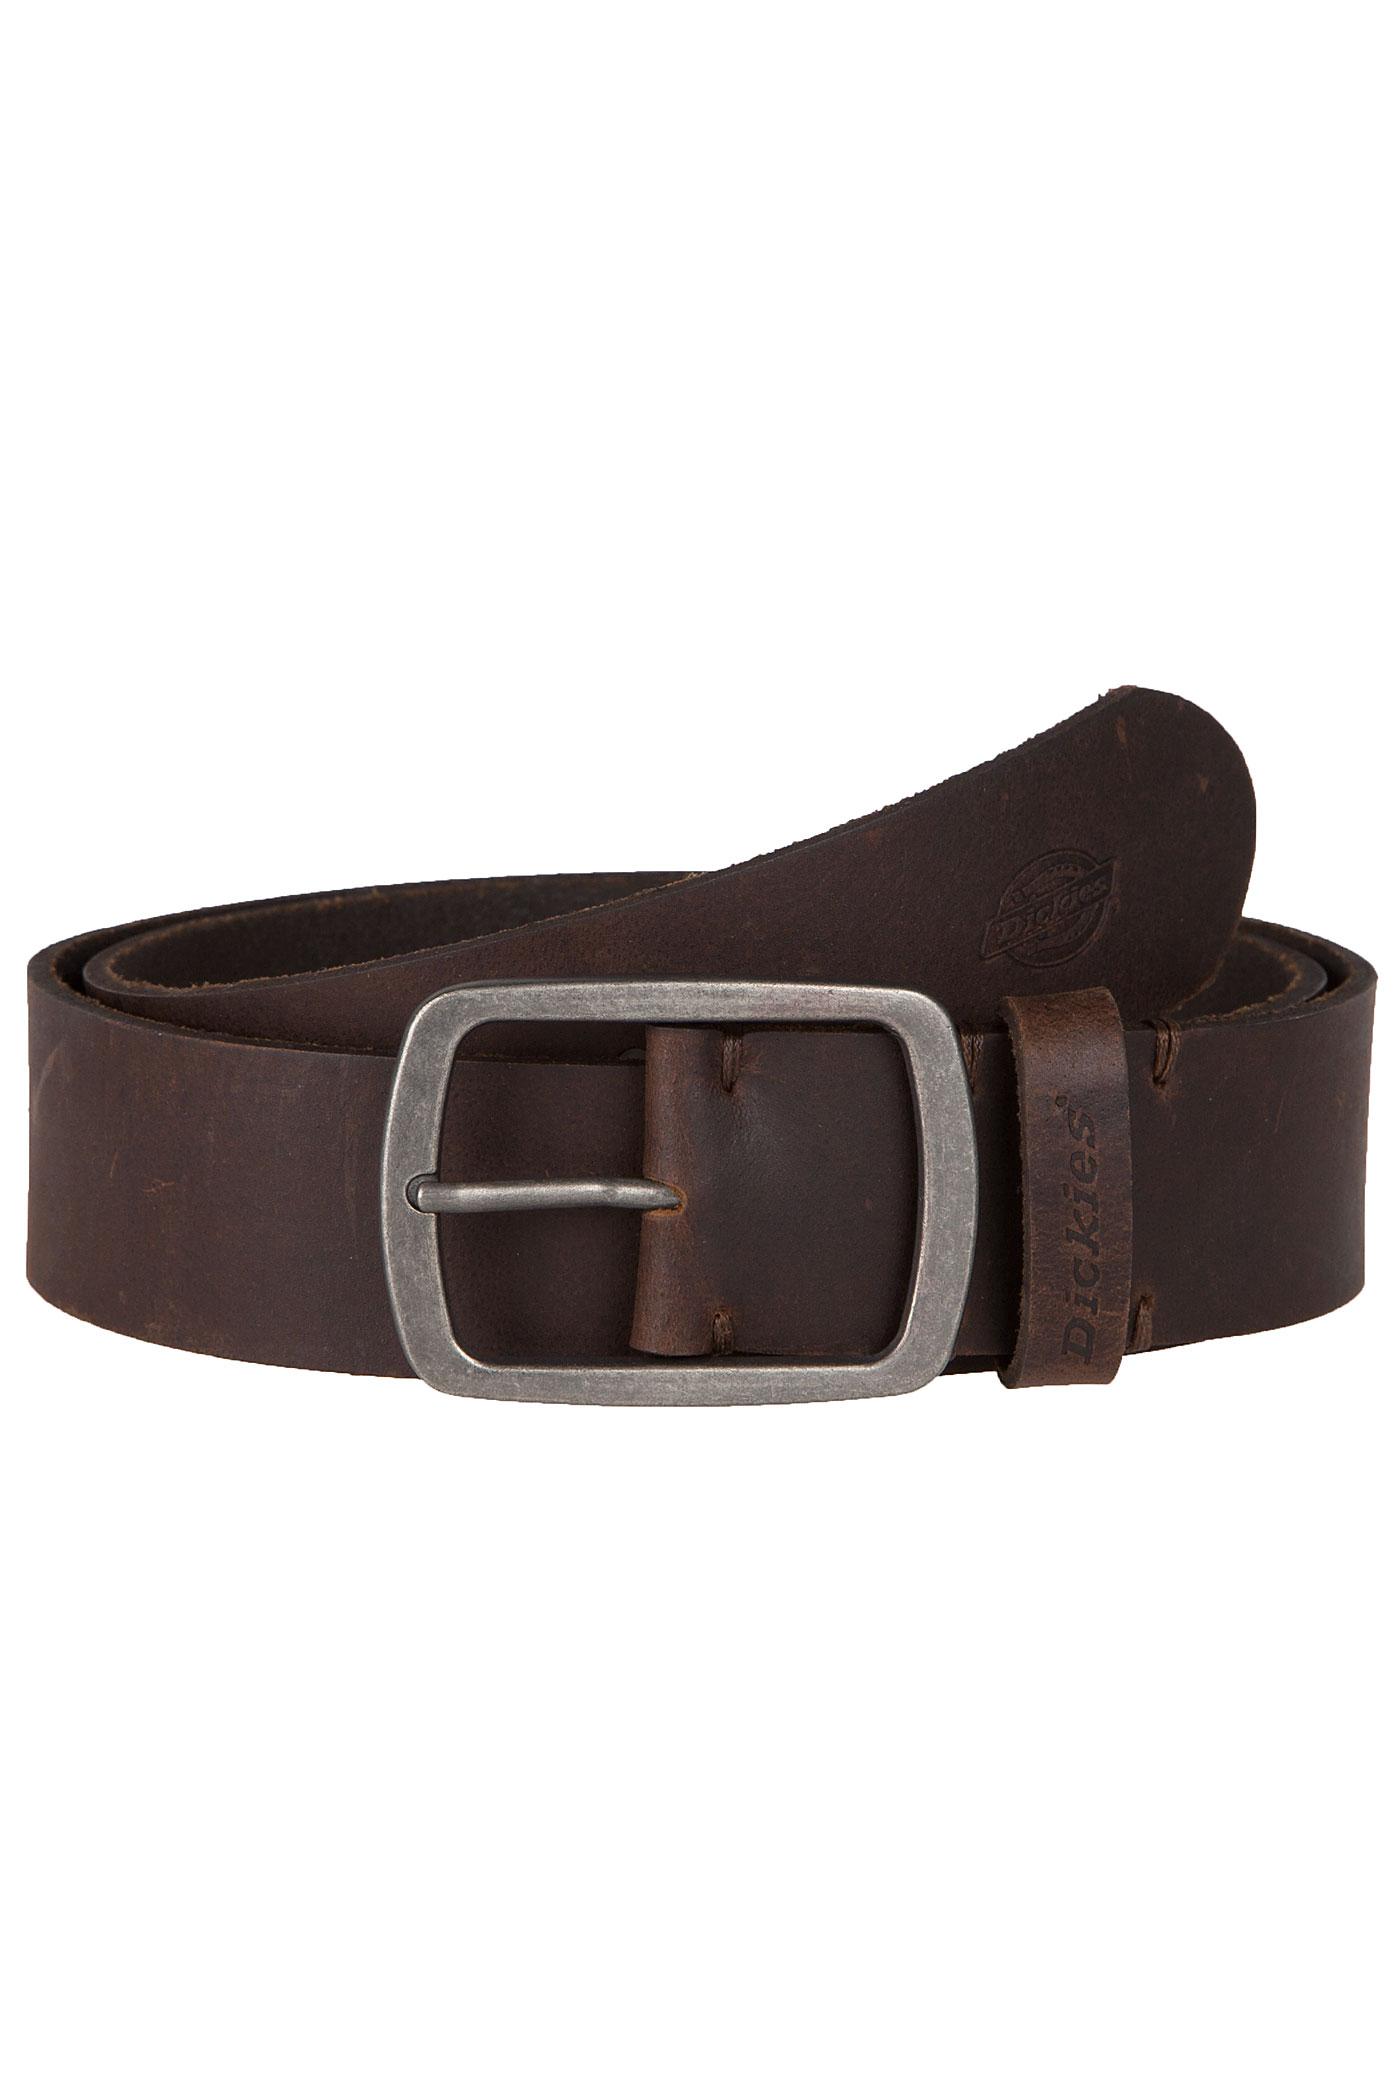 dickies eagle lake belt brown buy at skatedeluxe